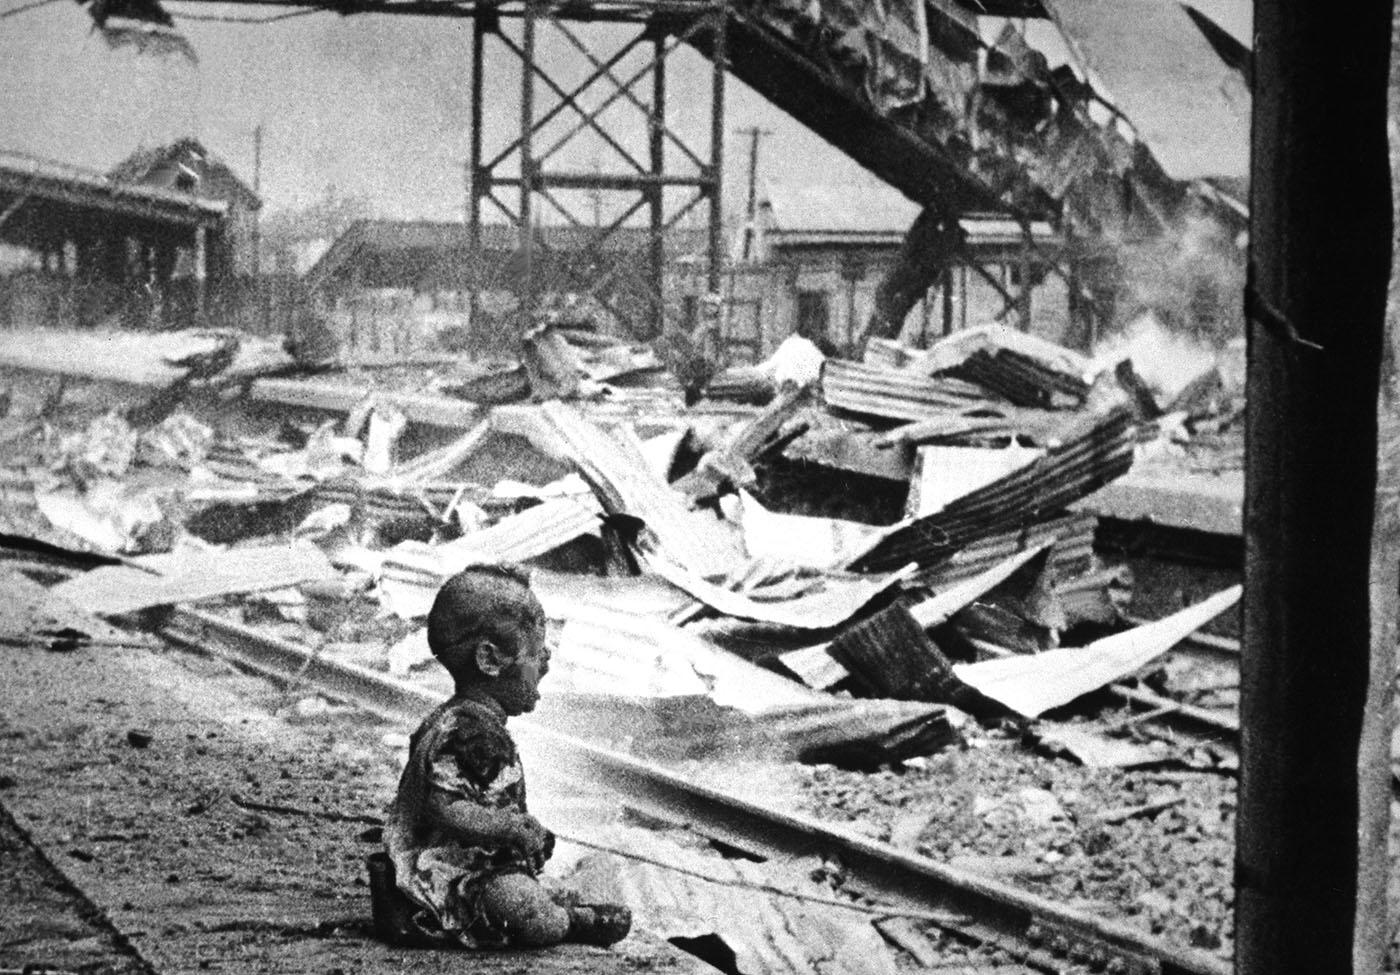 Sábado sangriento: un bebé chino llorando en medio de las ruinas bombardeadas de la estación de tren del sur de Shanghai, 1937